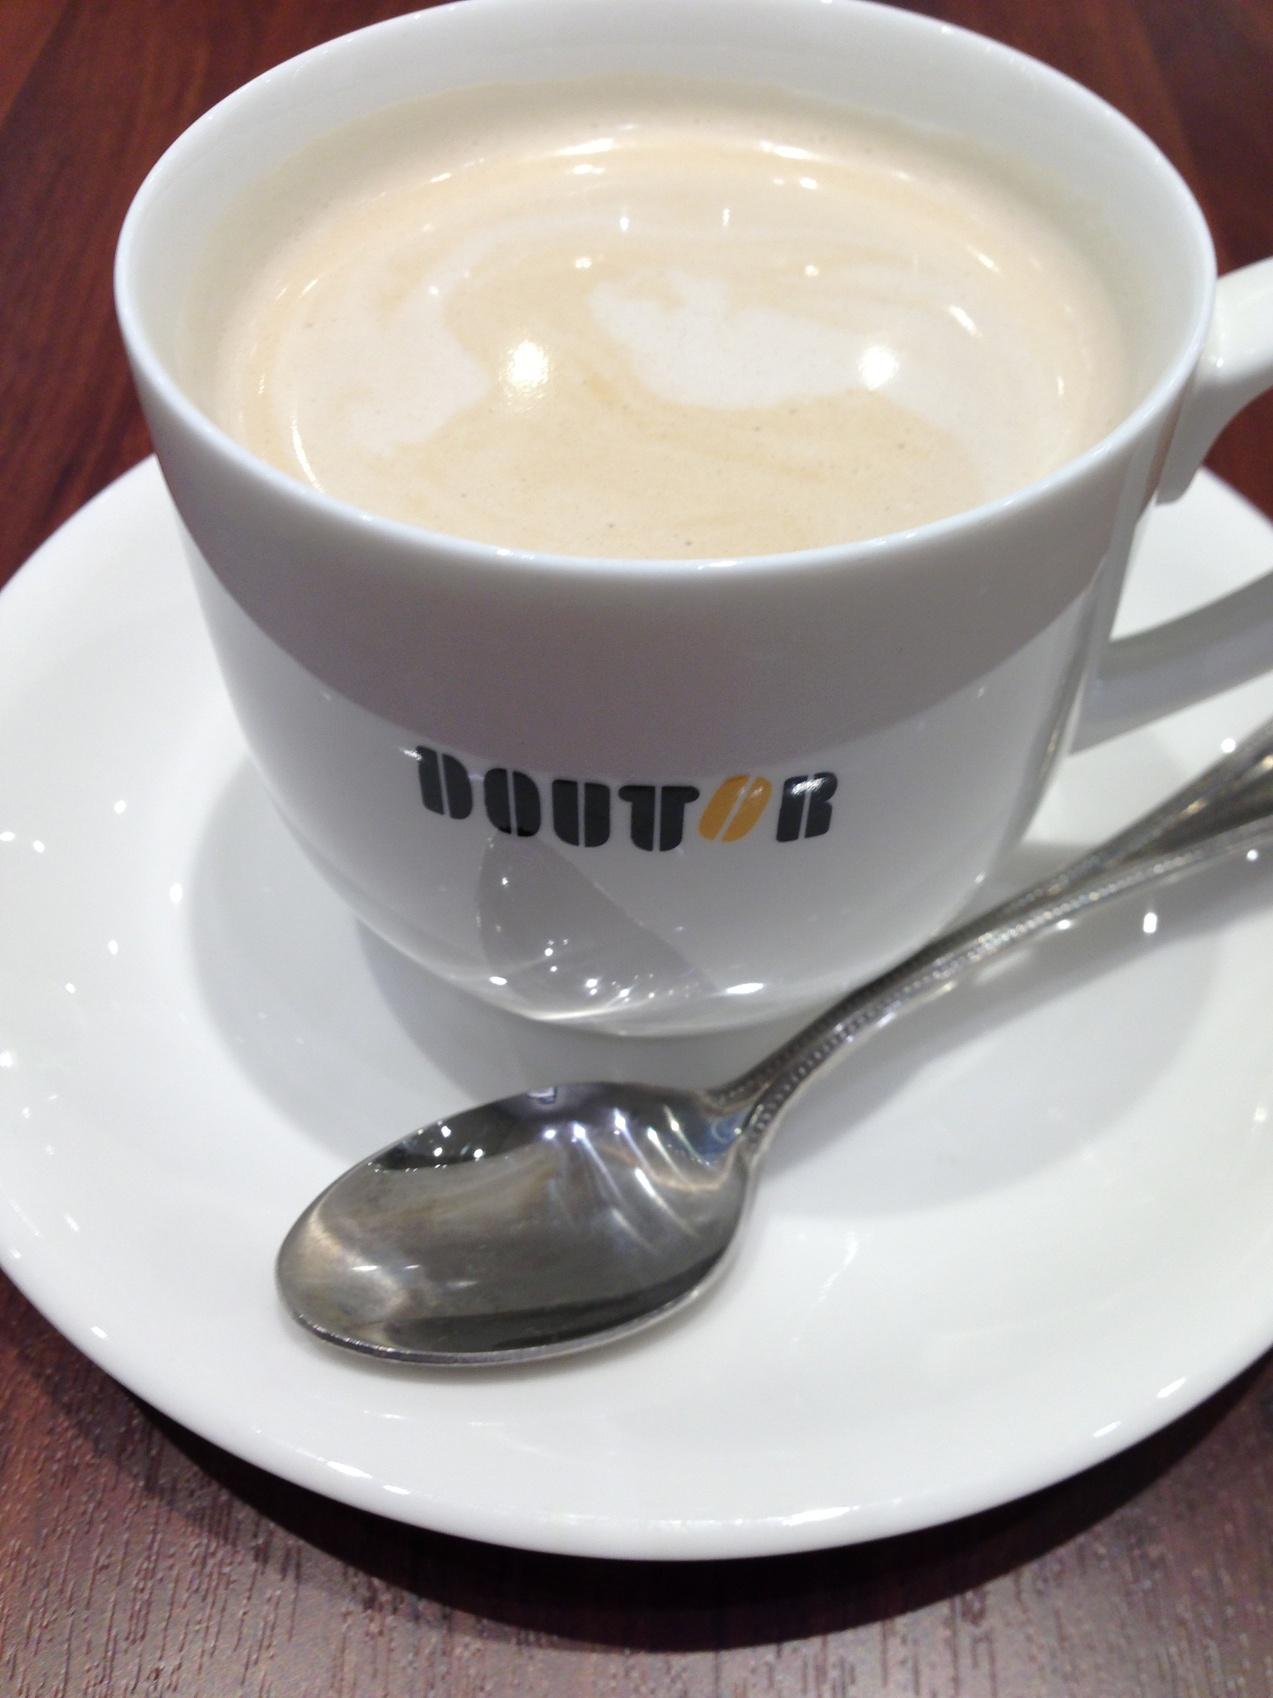 ドトールコーヒーショップ 神田中央通り店